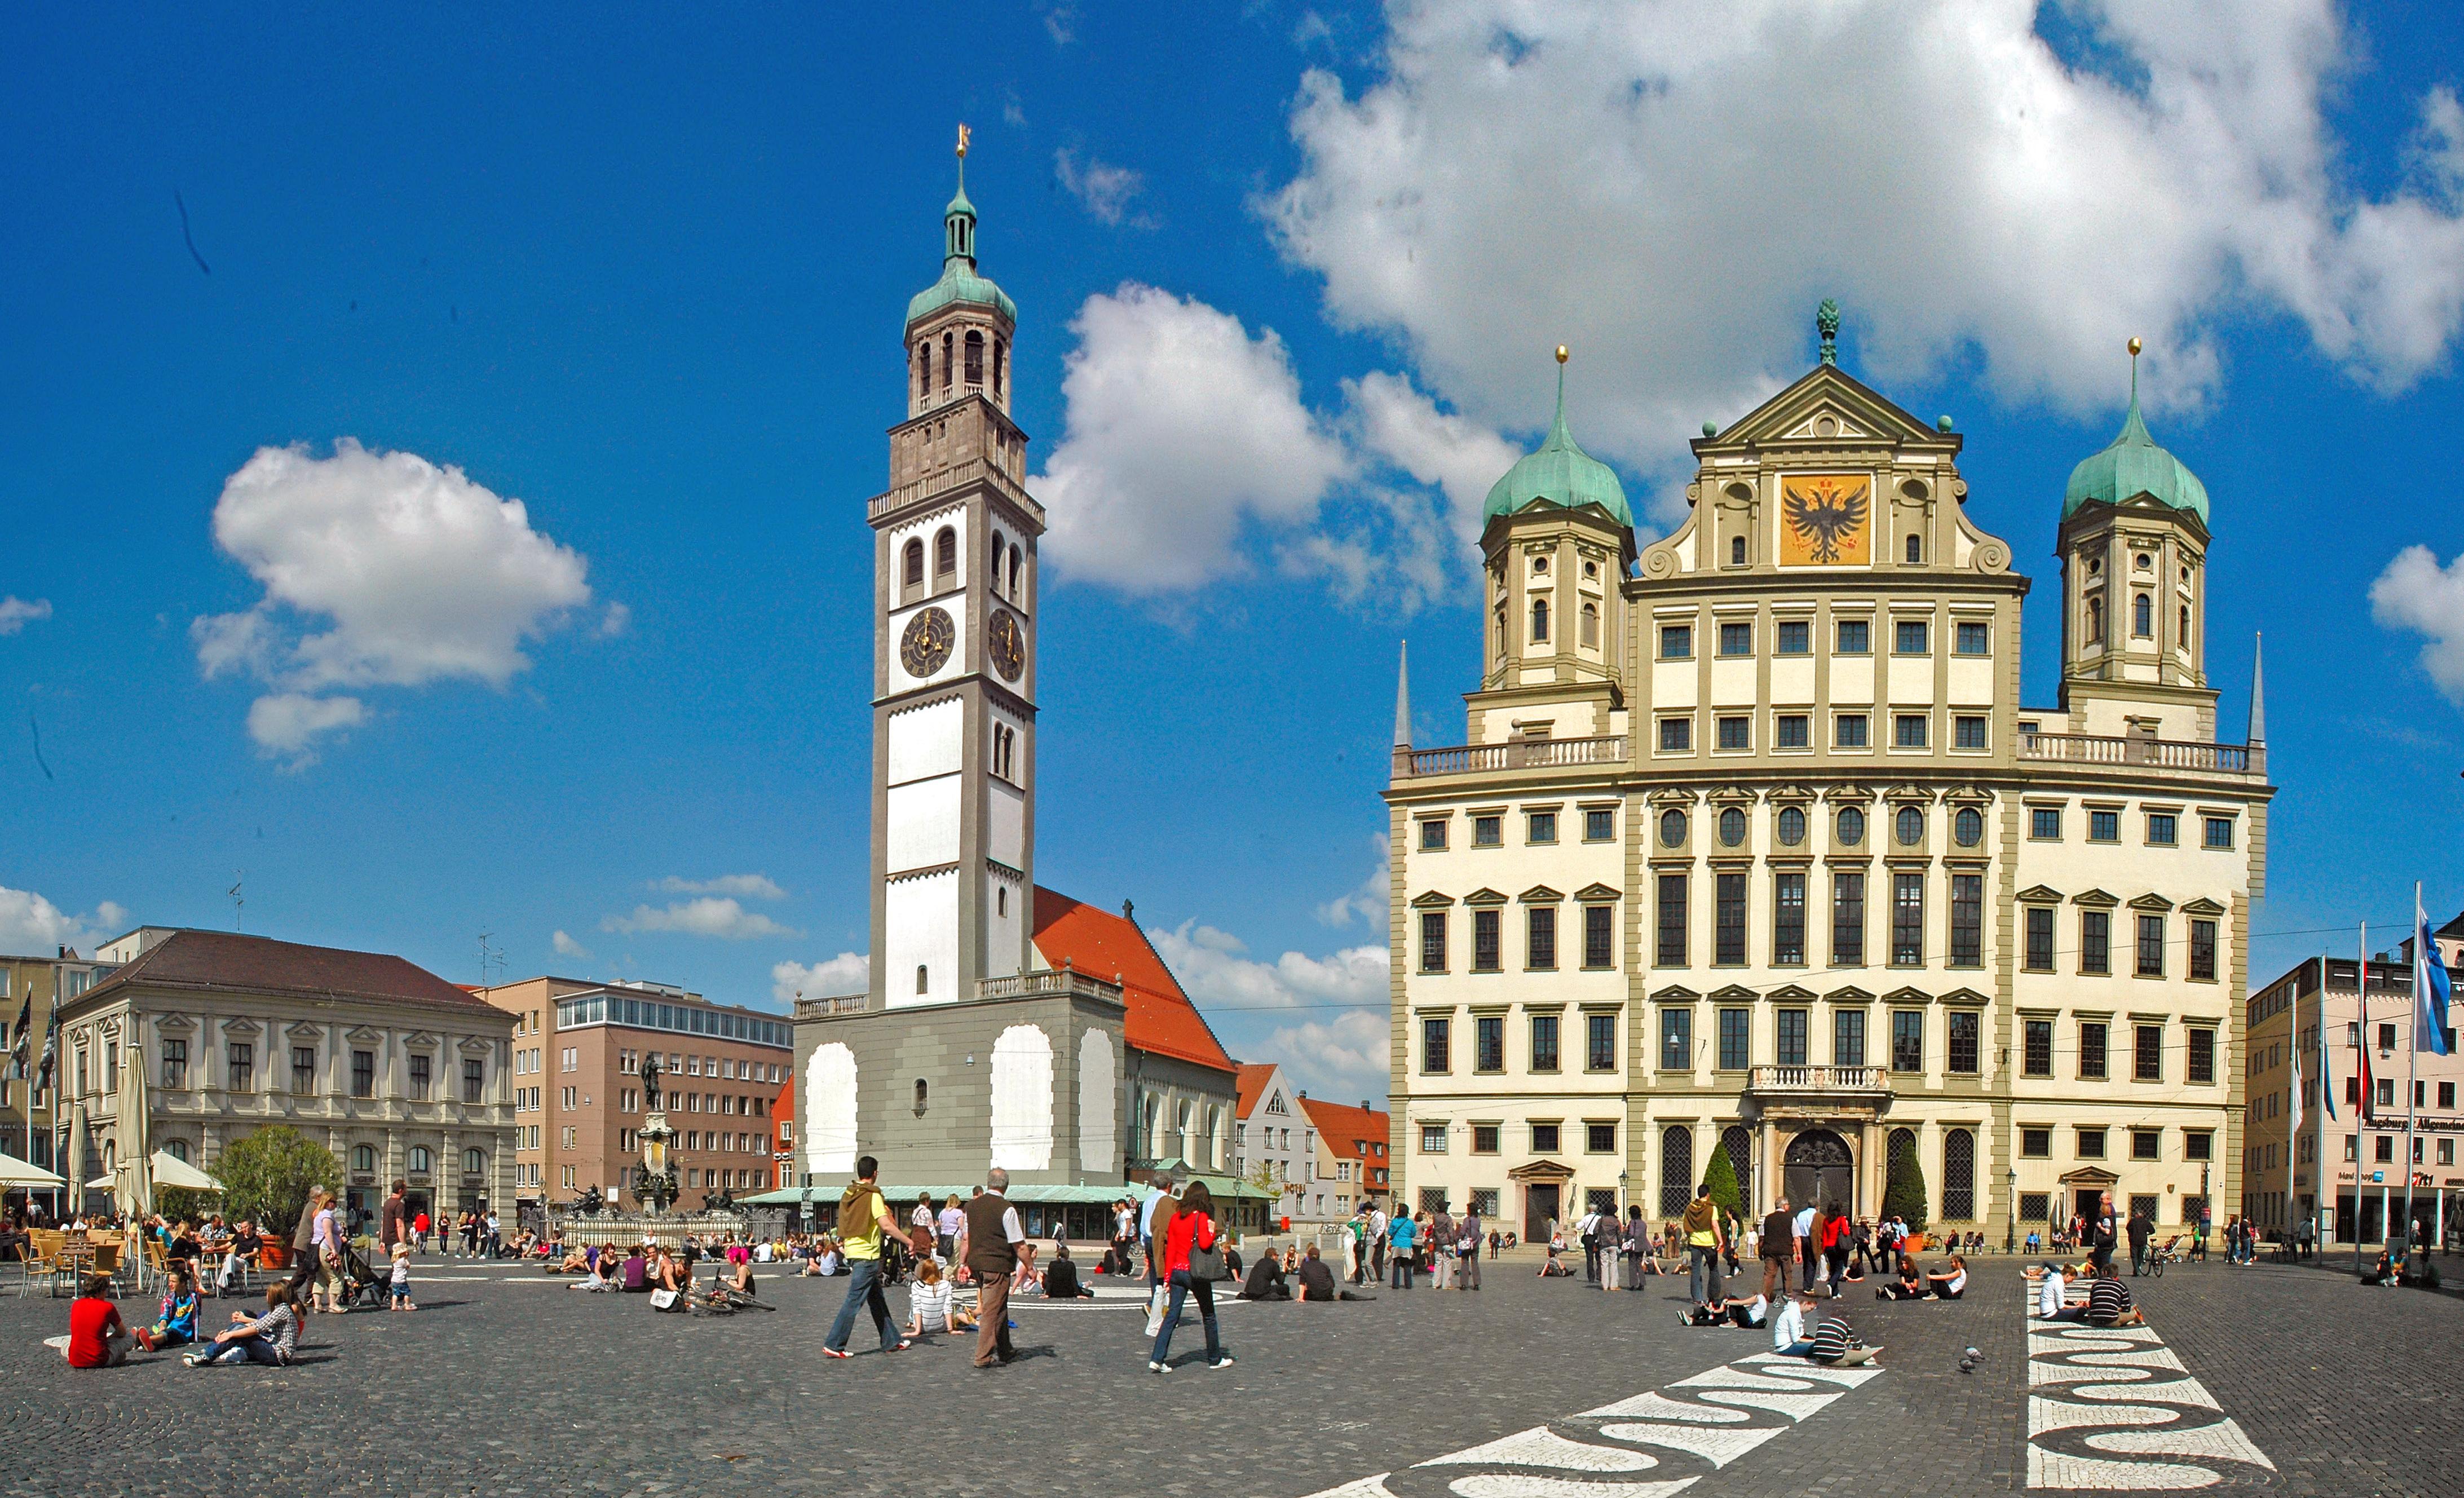 Аугсбург, Германия: зачем ехать, чем заняться, где поесть, советы туристов